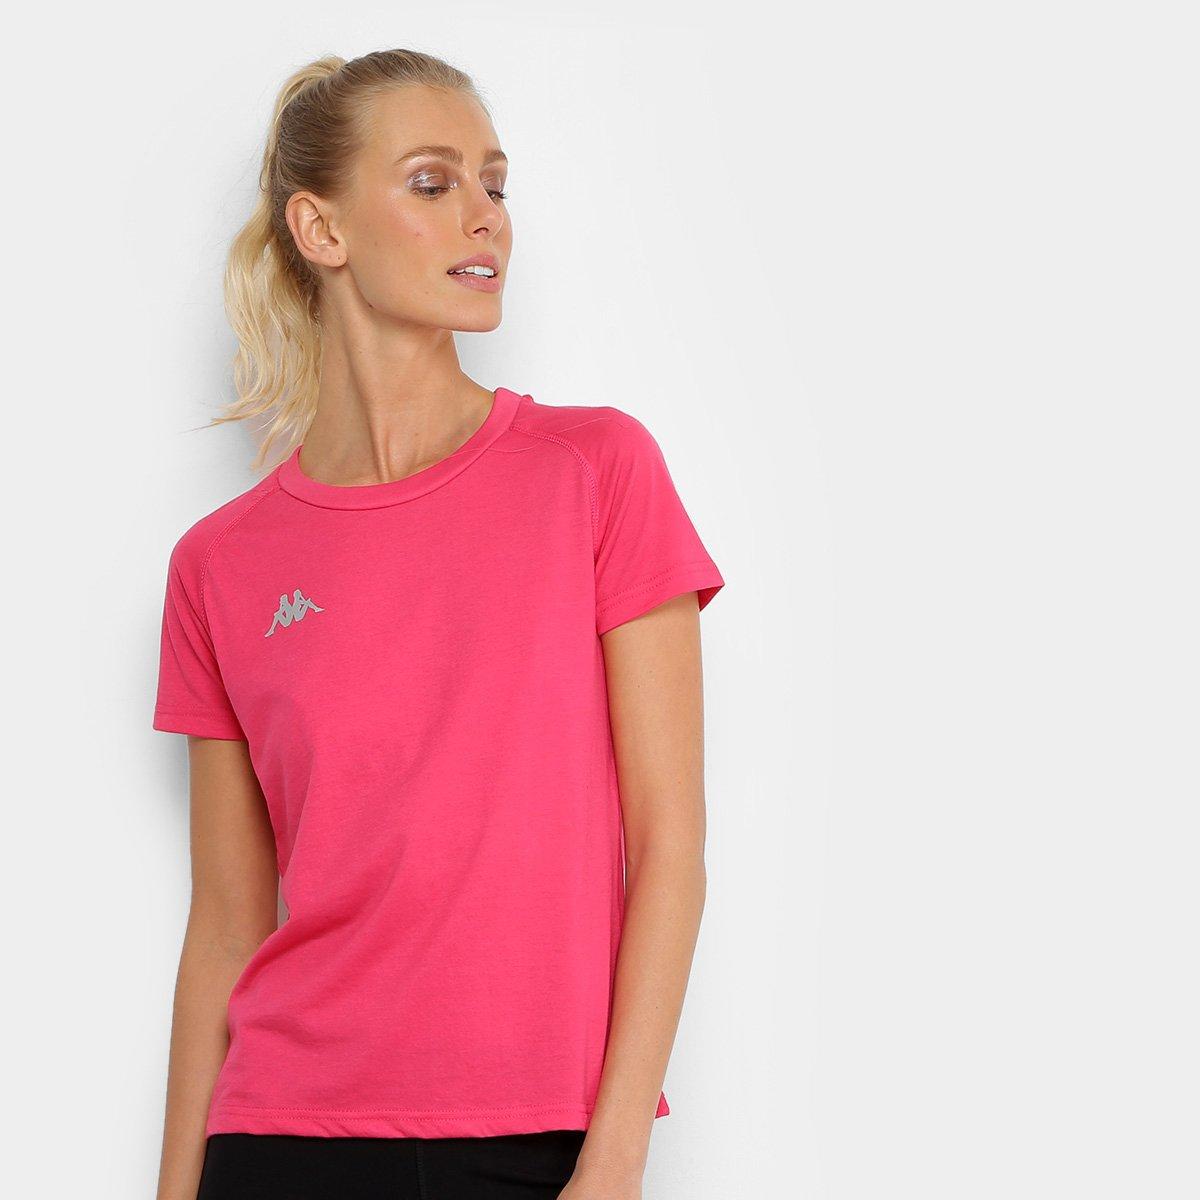 Feminina Kappa Preto Verona Rosa Verona Rosa e Feminina Preto Kappa e Camiseta Camiseta Verona Feminina Kappa Camiseta Uq5UaAx